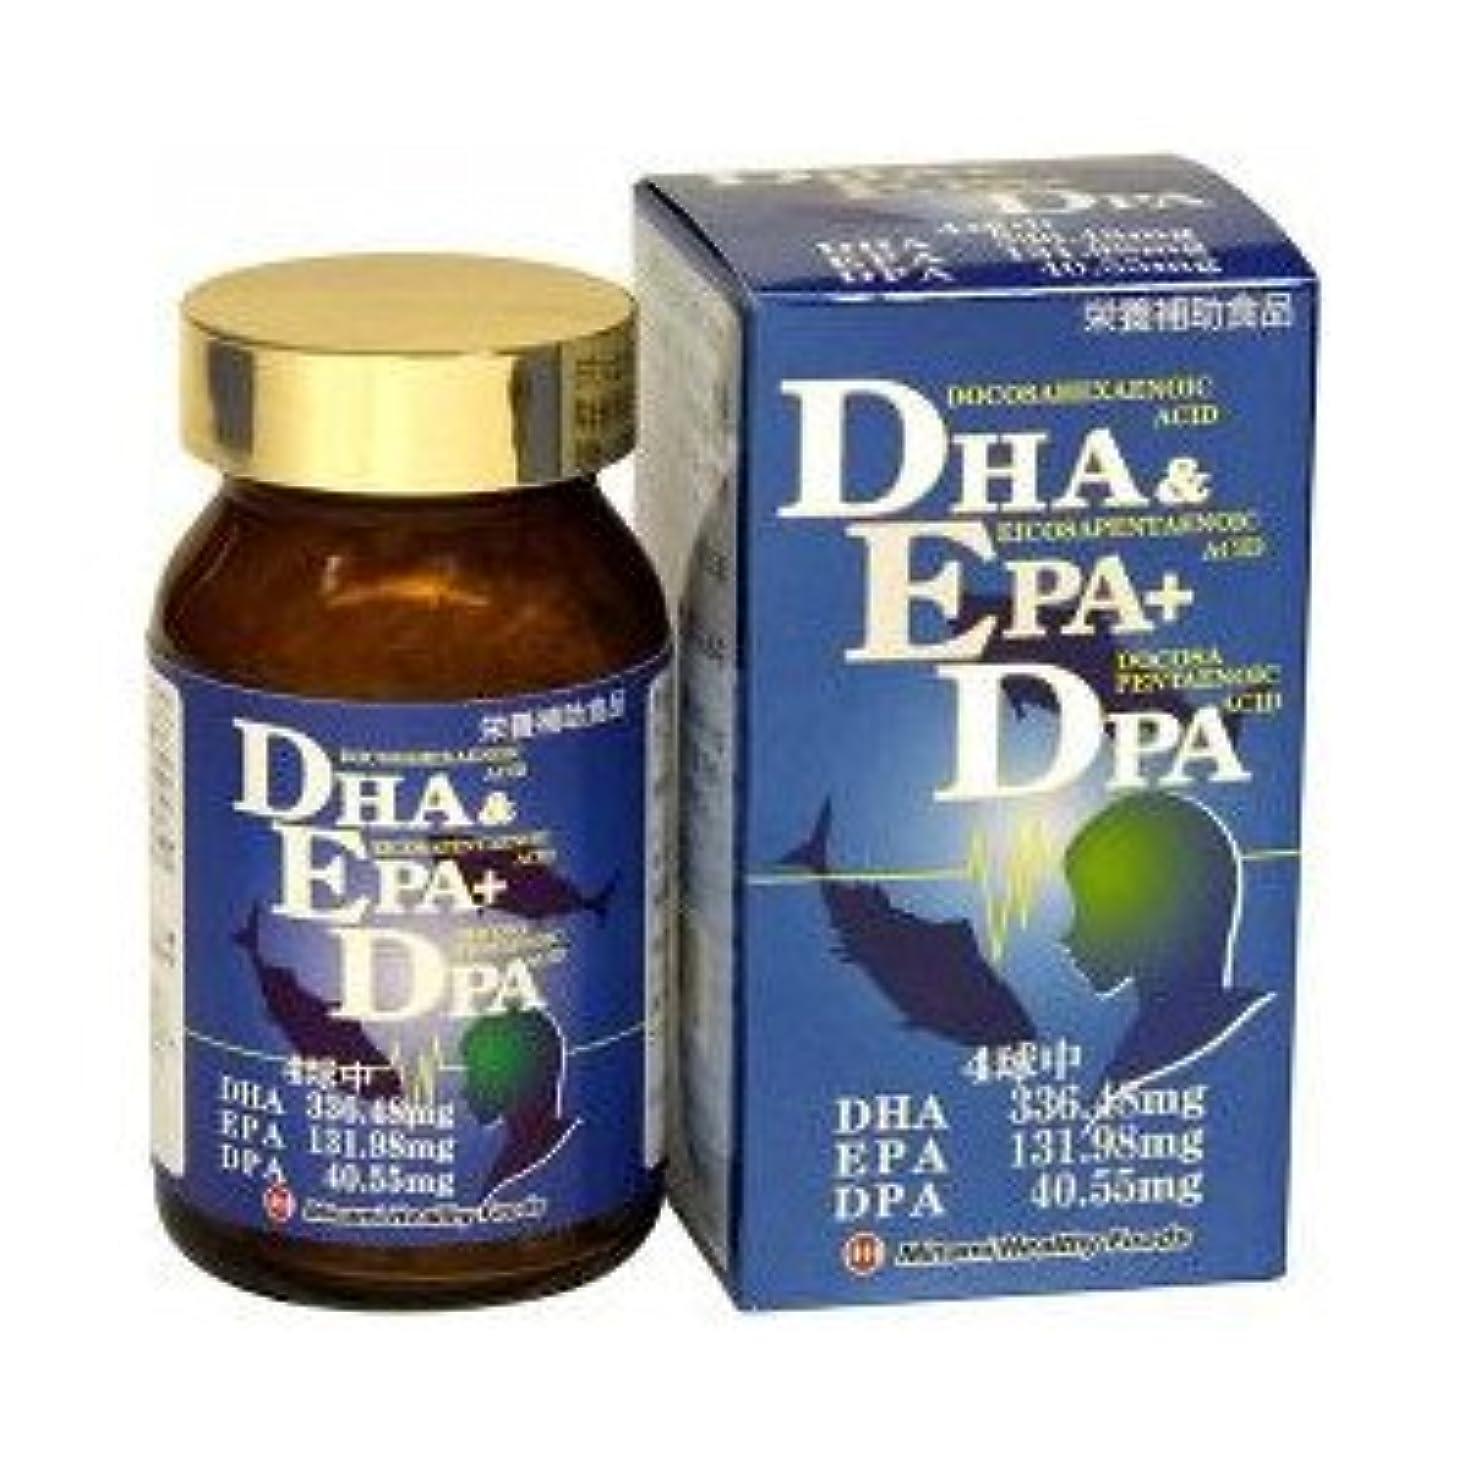 アクセシブル人道的絞るDHA&EPA+DPA 120粒